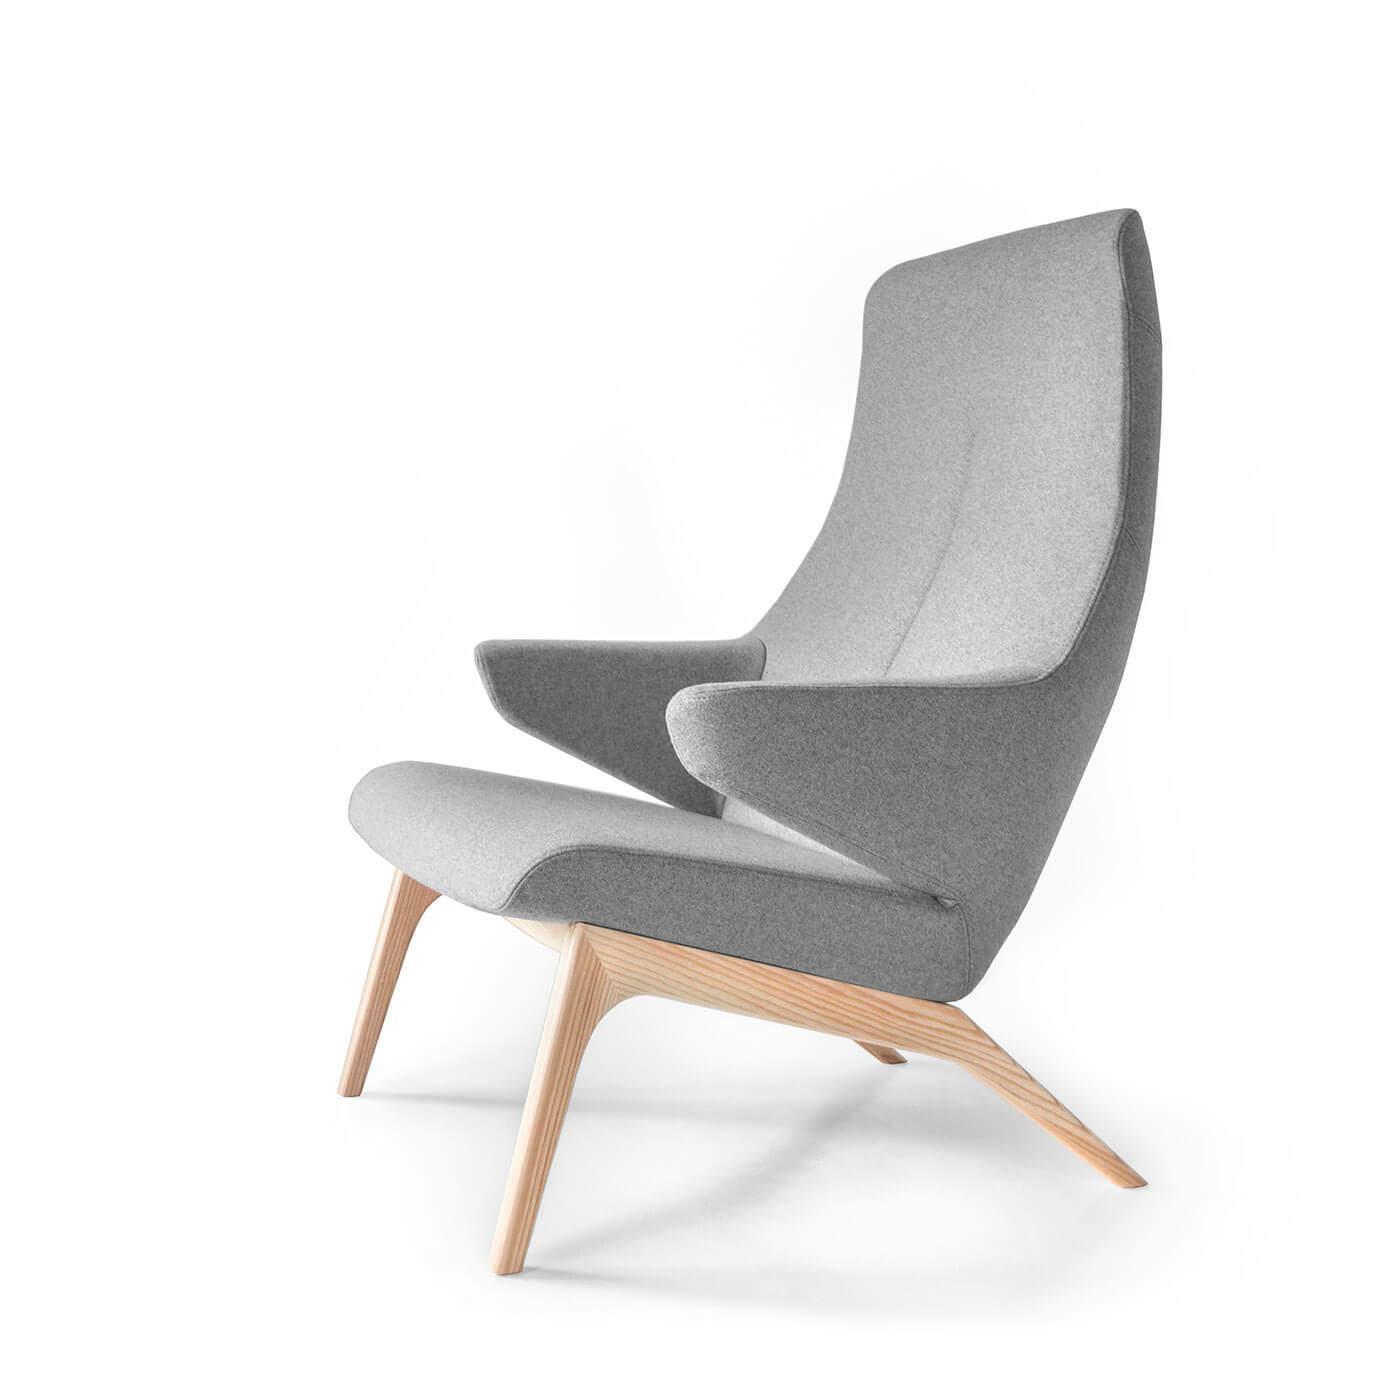 relaxsessel voog skandinavisches design. Black Bedroom Furniture Sets. Home Design Ideas